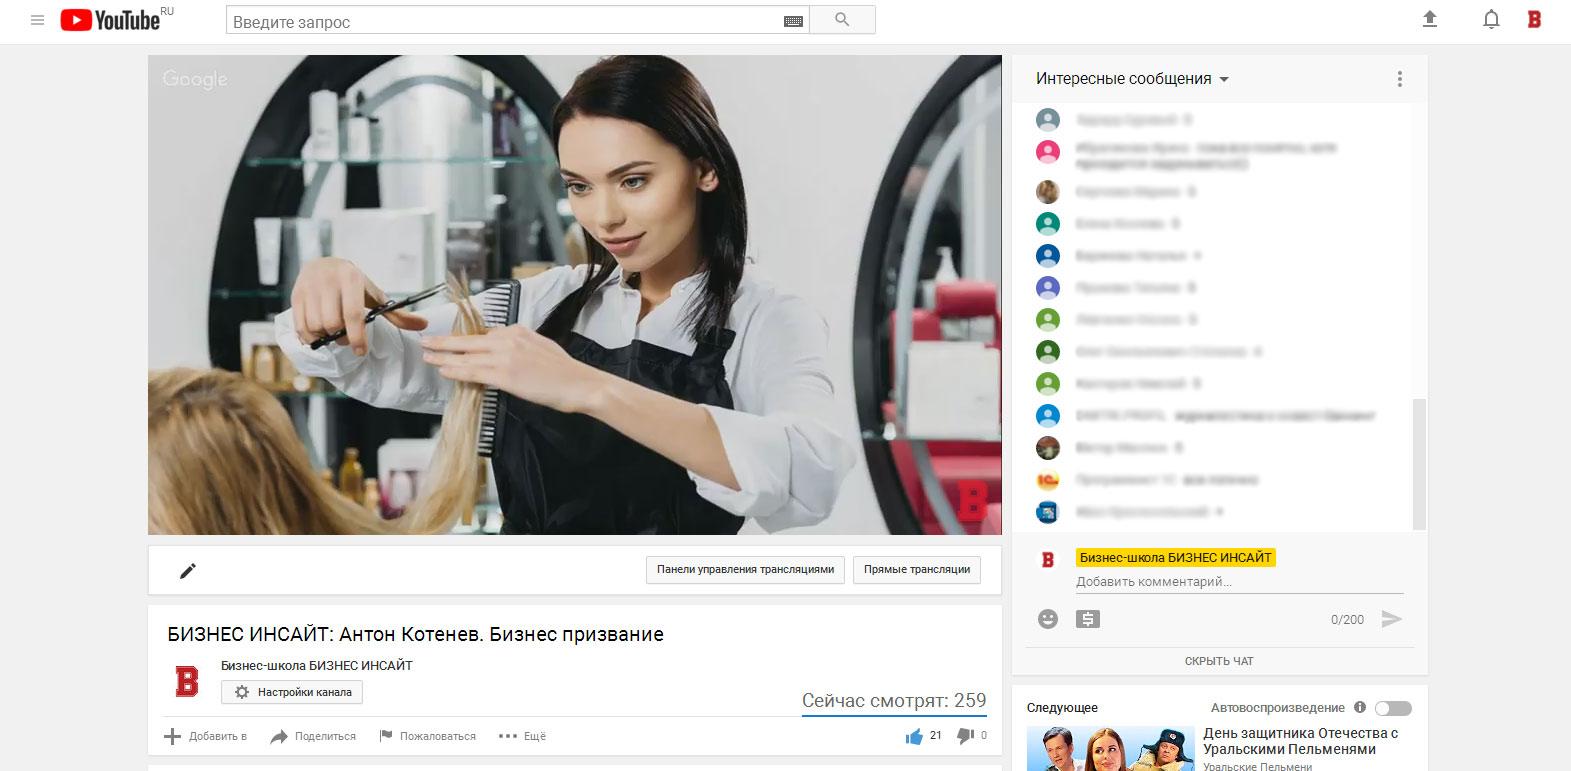 Антон Котенев провел открытый (бесплатный) вебинар на площадке БИЗНЕС ИНСАЙТ